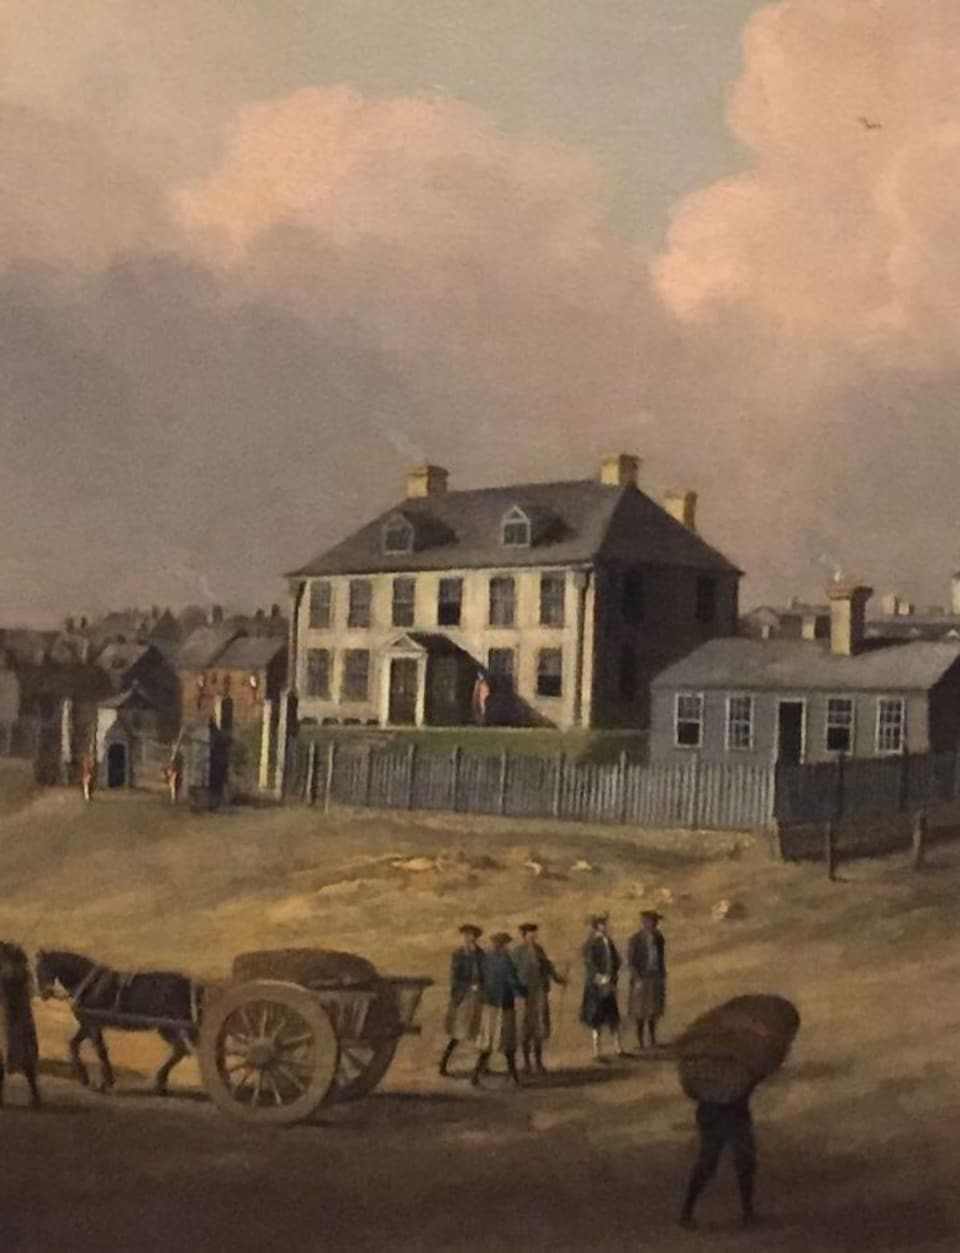 Représentation picturale d'archives de Province House, en 1749. On y voit des personnes avec des charrettes poussées par des chevaux avec, au loin, le premier bâtiment de la législature néo-écossaise.